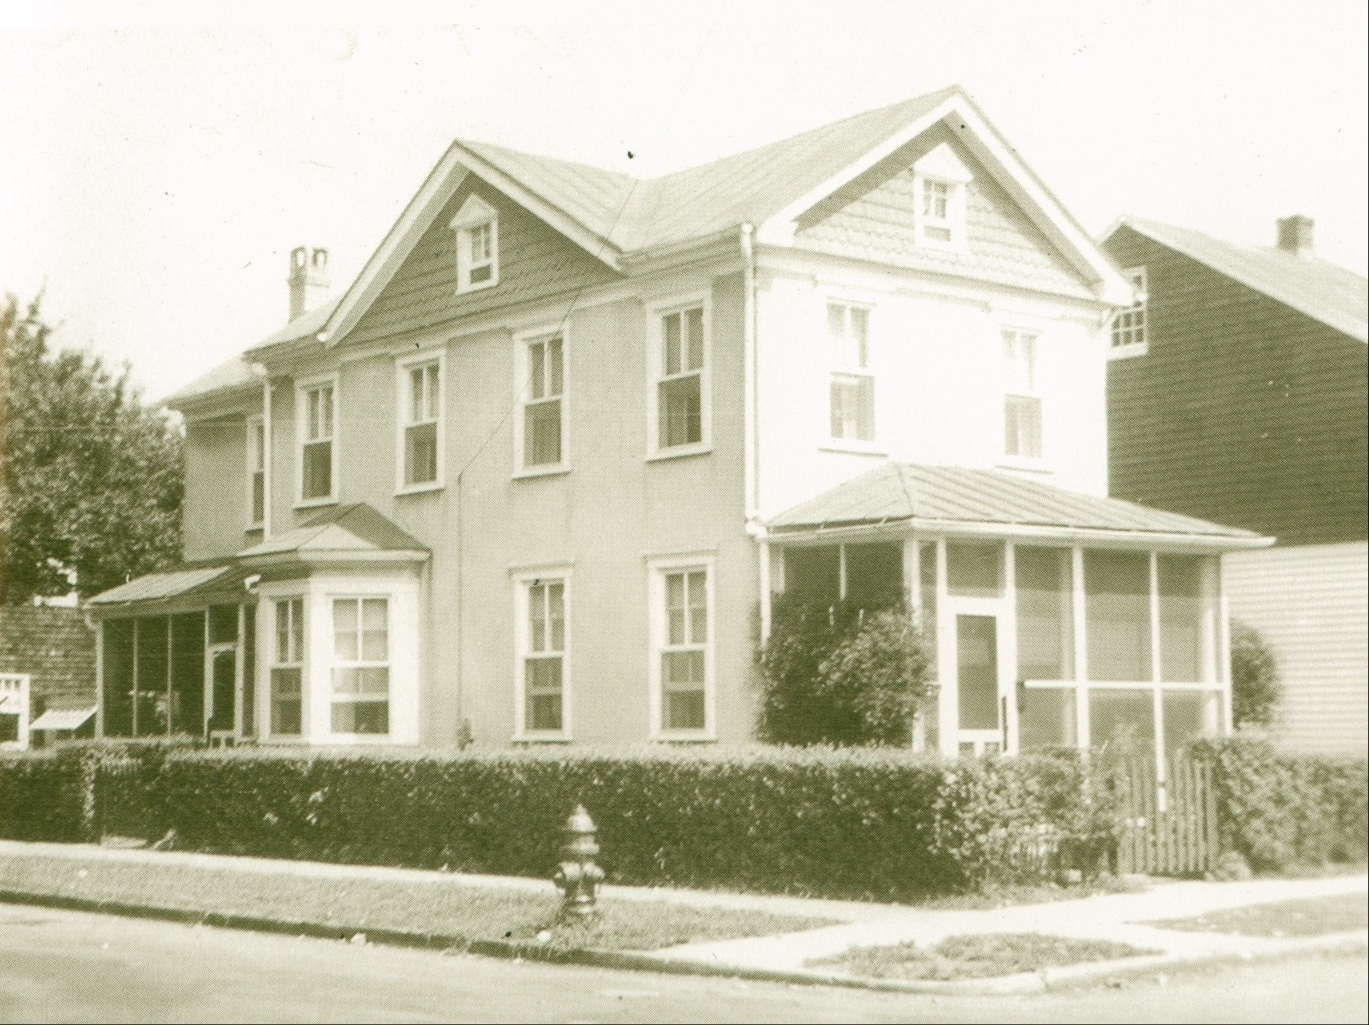 Historic Image of Chesapeake Ave. cottage.